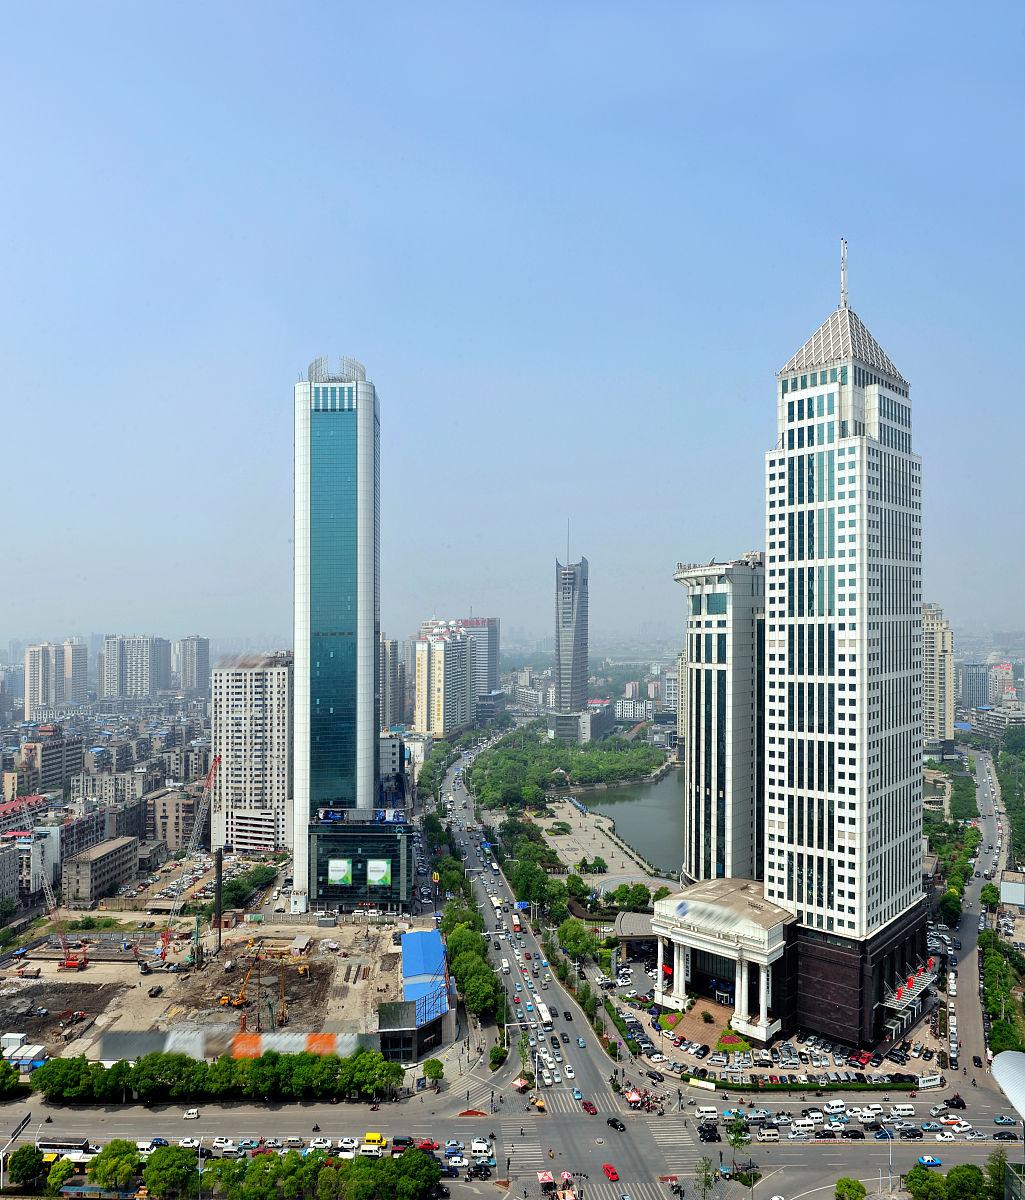 湖北省武汉汉口金融街图片